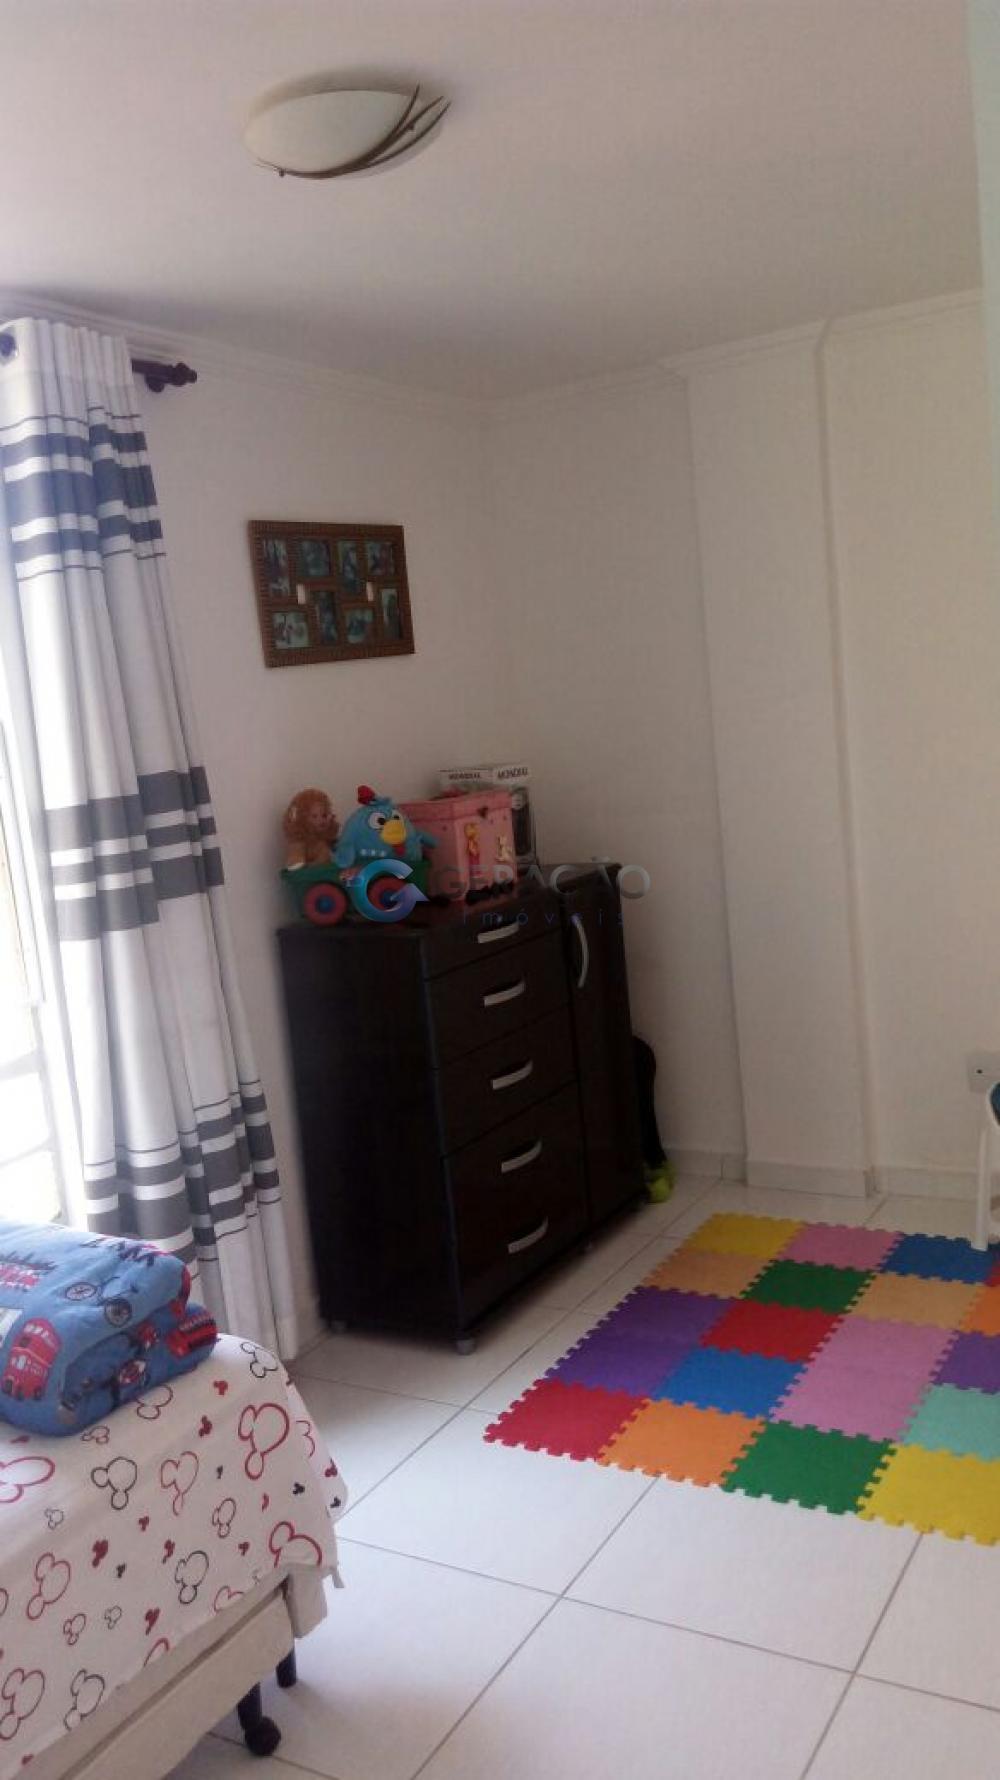 Comprar Apartamento / Padrão em São José dos Campos R$ 185.000,00 - Foto 7